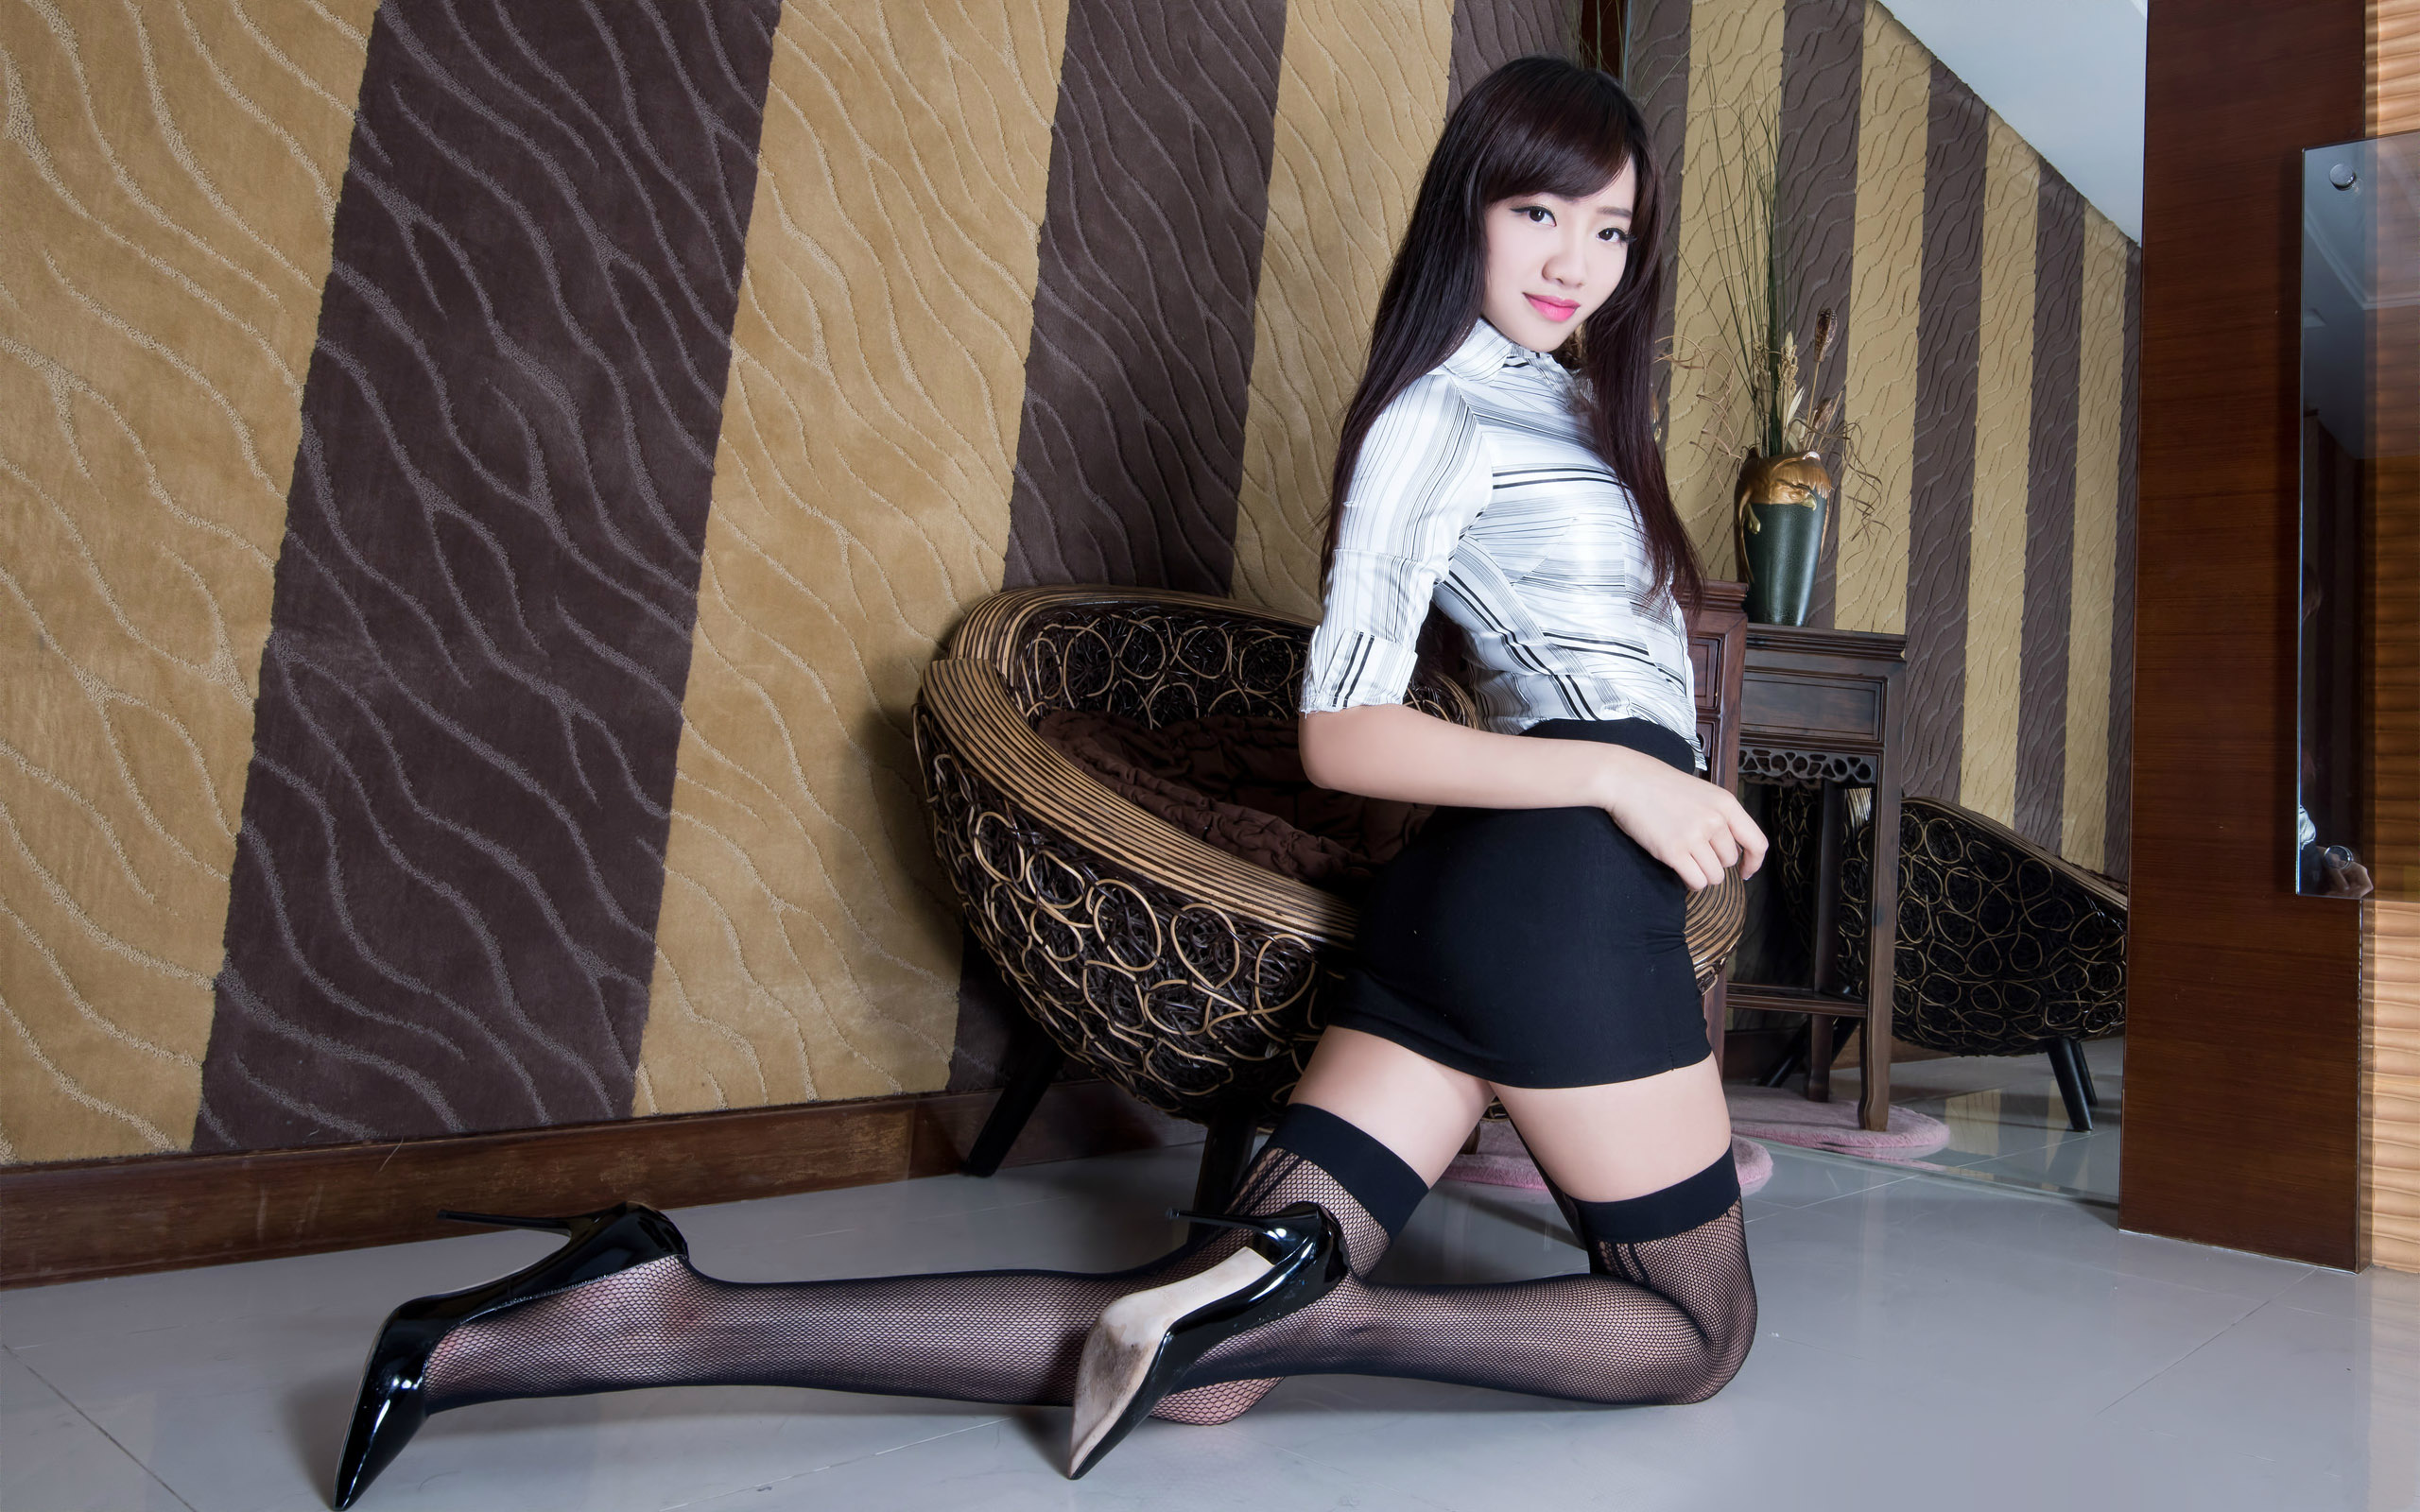 臺灣美腿美女57 - 花開有聲 - 花開有聲